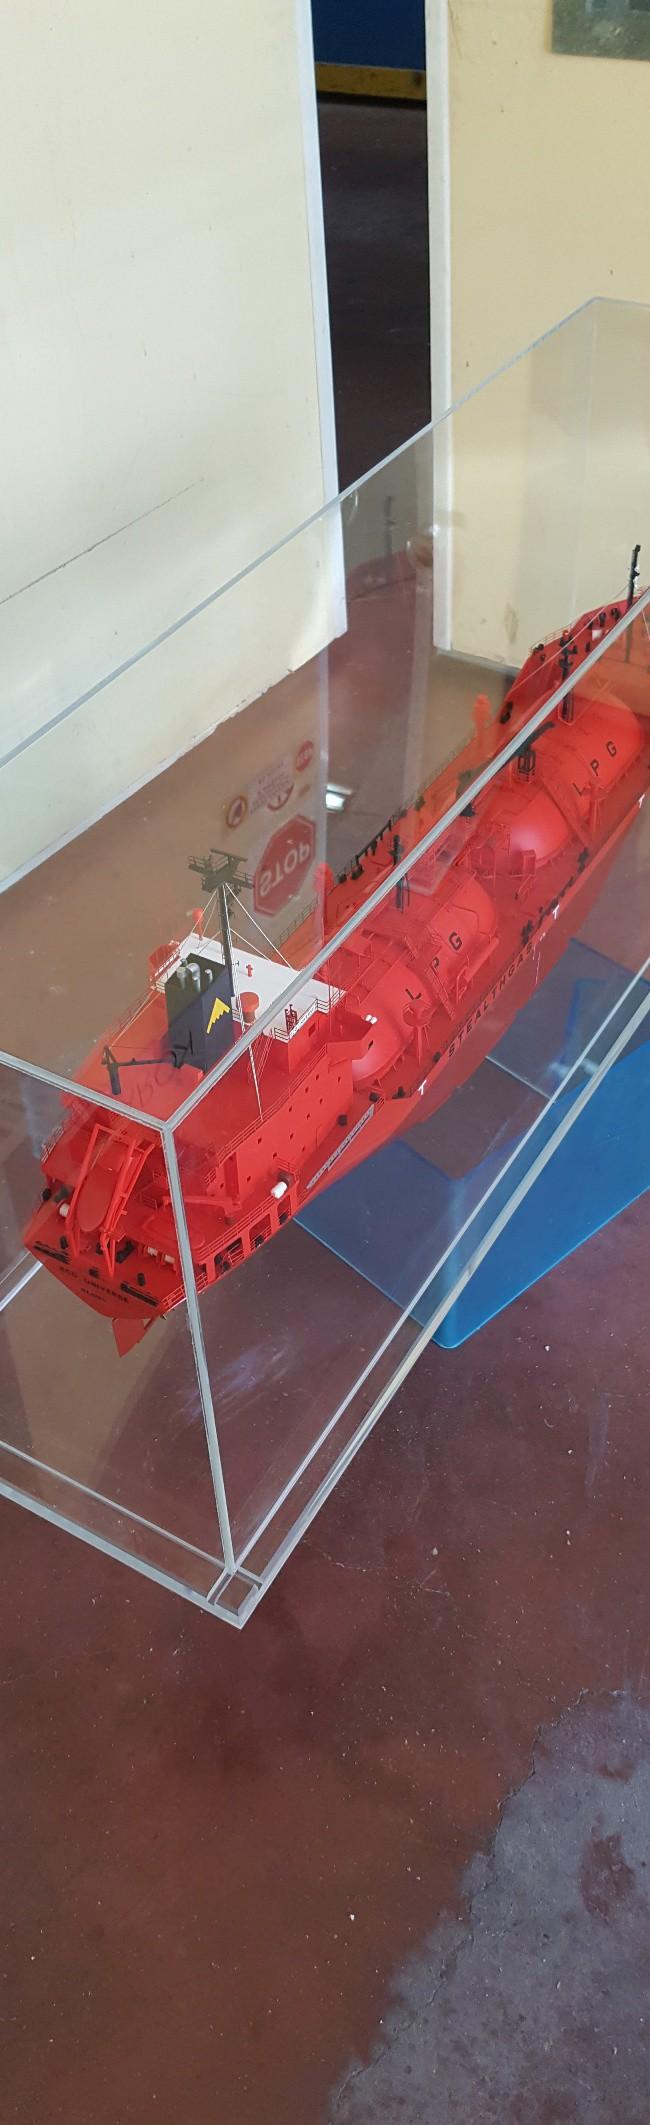 Κουτί από plexiglass κατασκευής Δημήτρη Πετρόπουλου